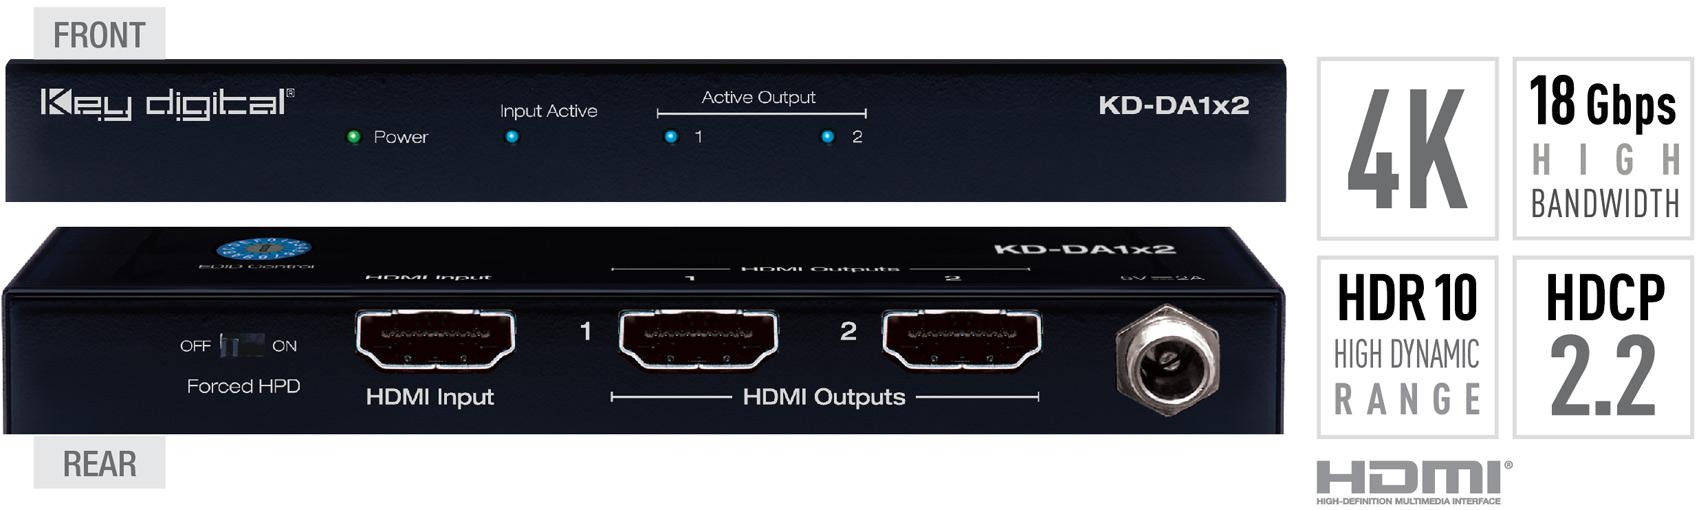 Key Digital KD-DA1x2 1x2 4K//18G HDMI Distribution Amplifier HDR10 HDCP2.2